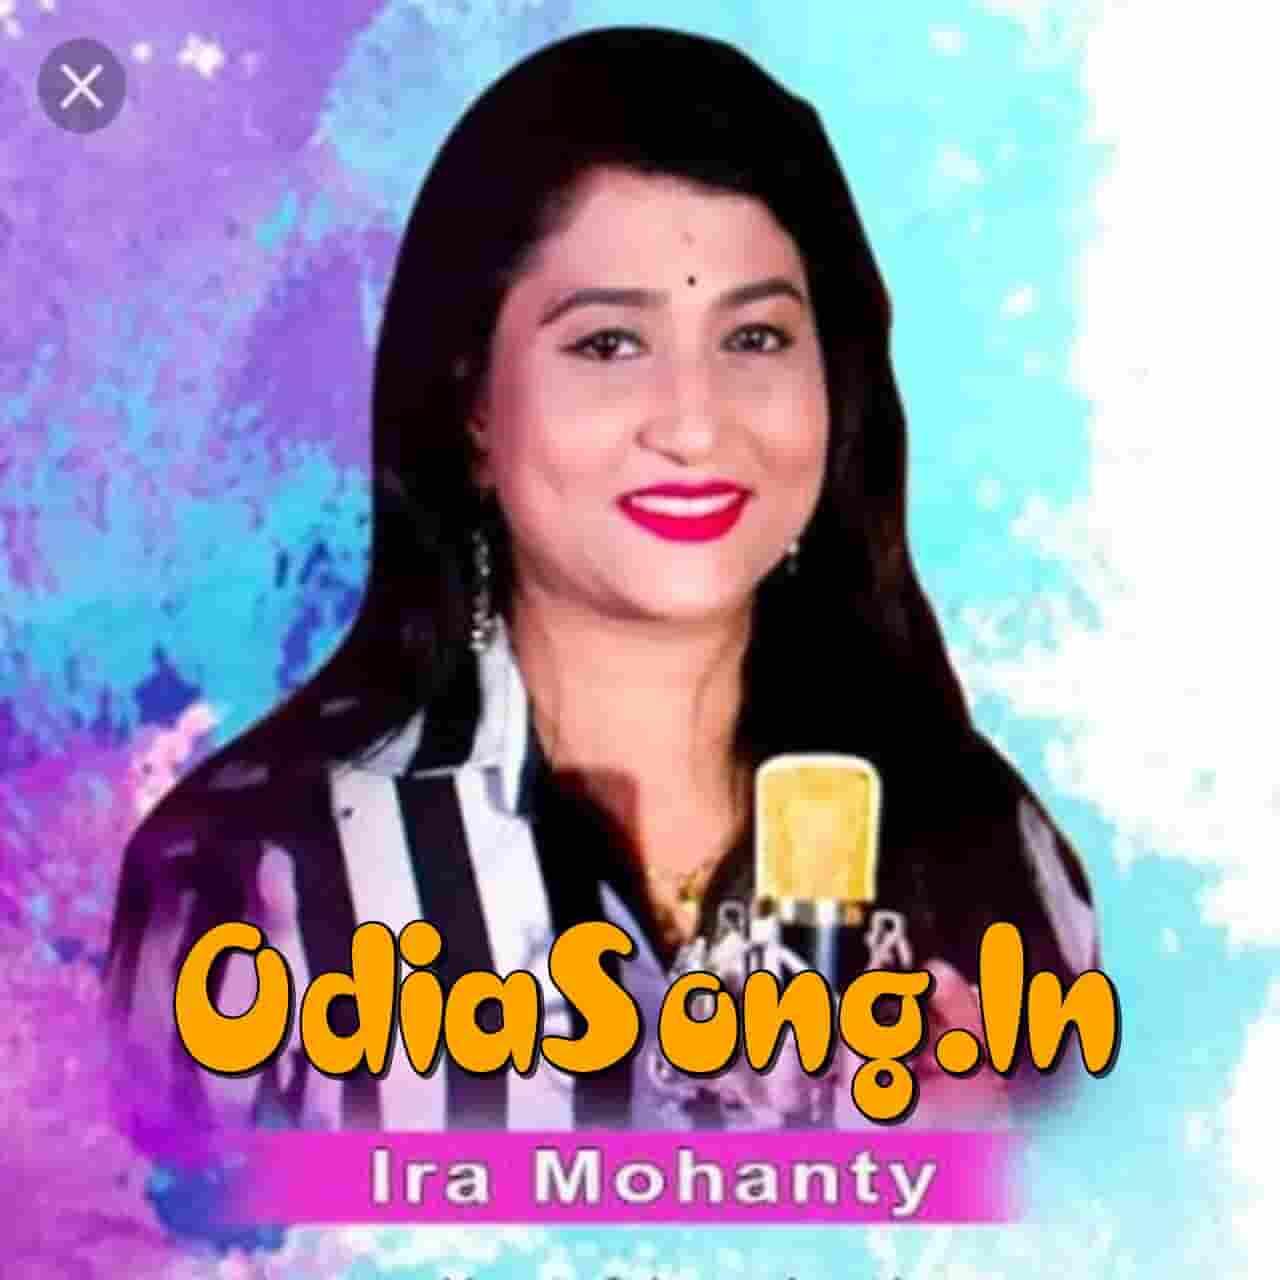 Asa Maa Durga (Ira Mohanty)